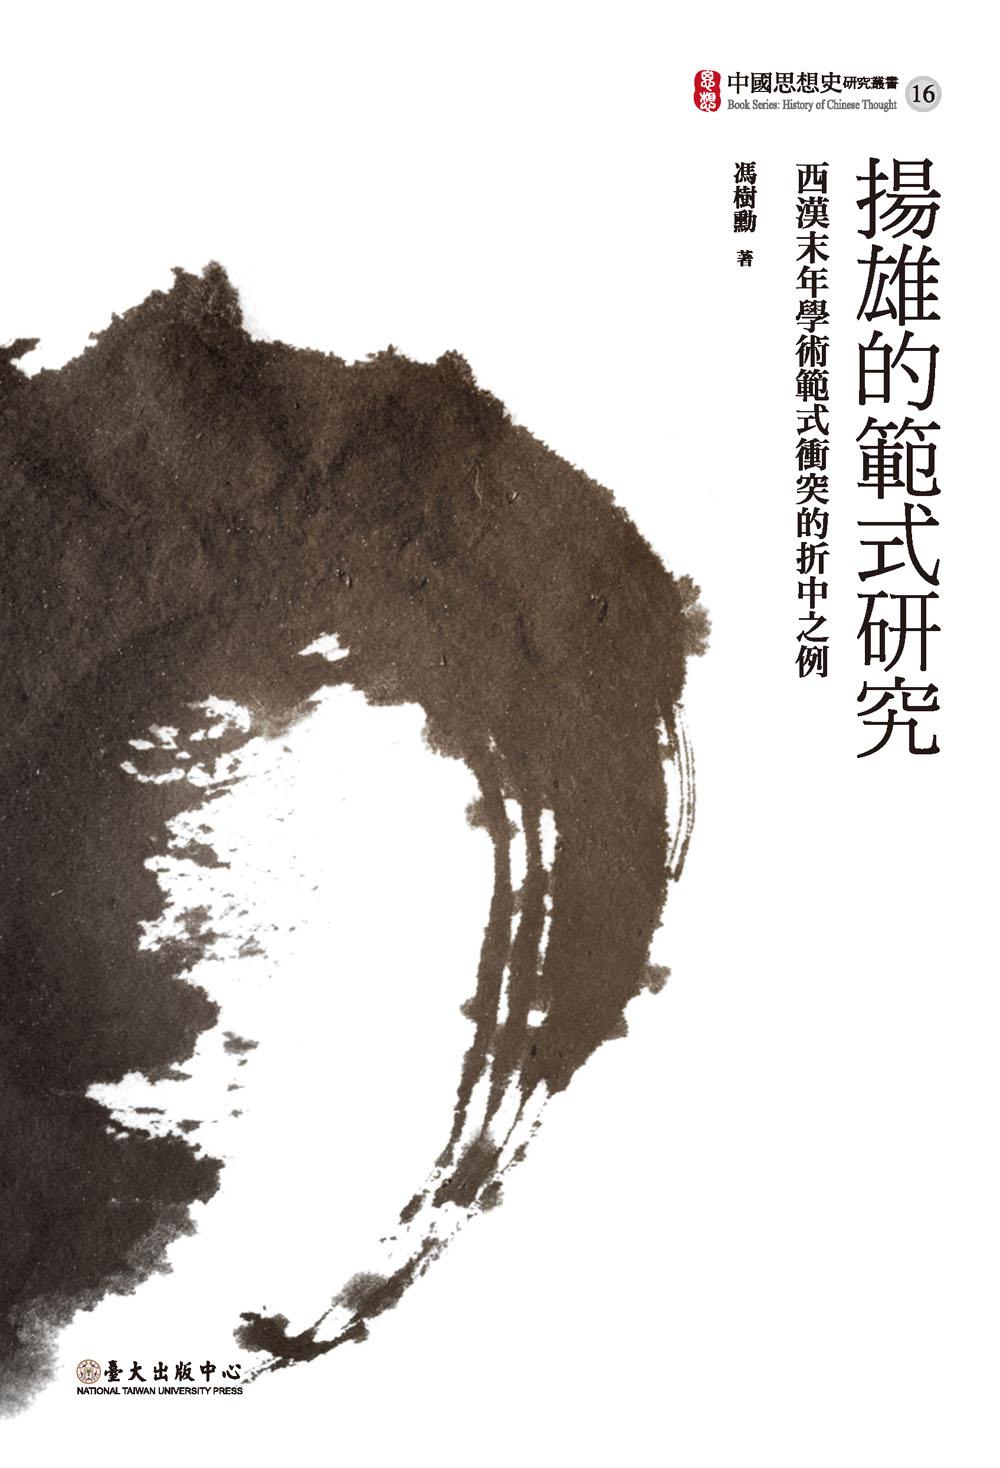 揚雄的範式研究──西漢末年學術範式衝突的折中之例